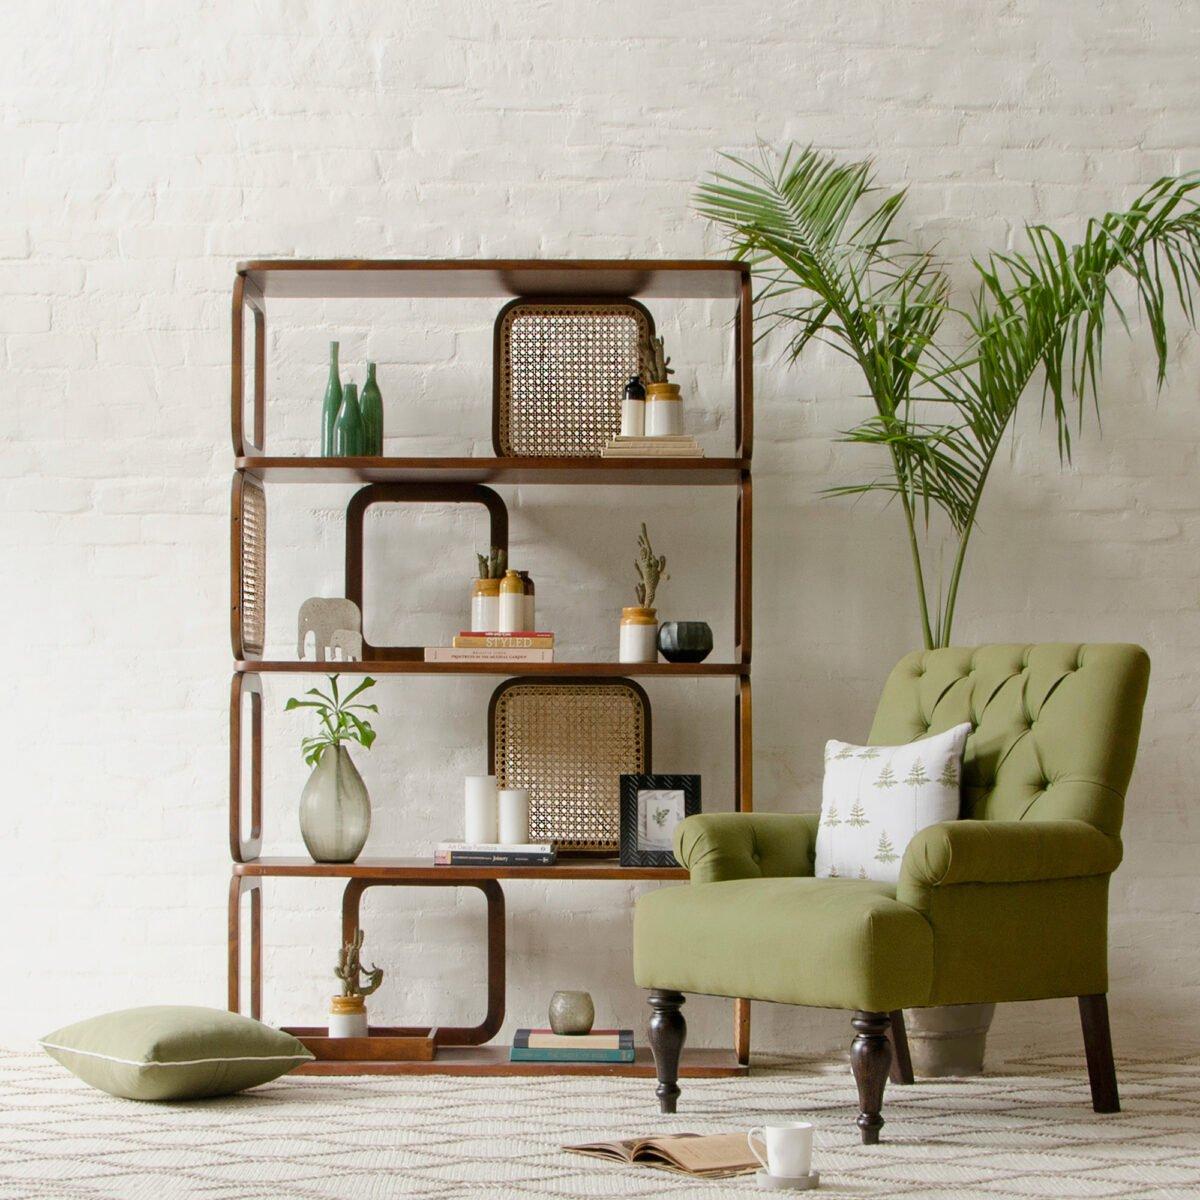 10-idee-d'arredamento-interni-con-mobili-in-rattan-14